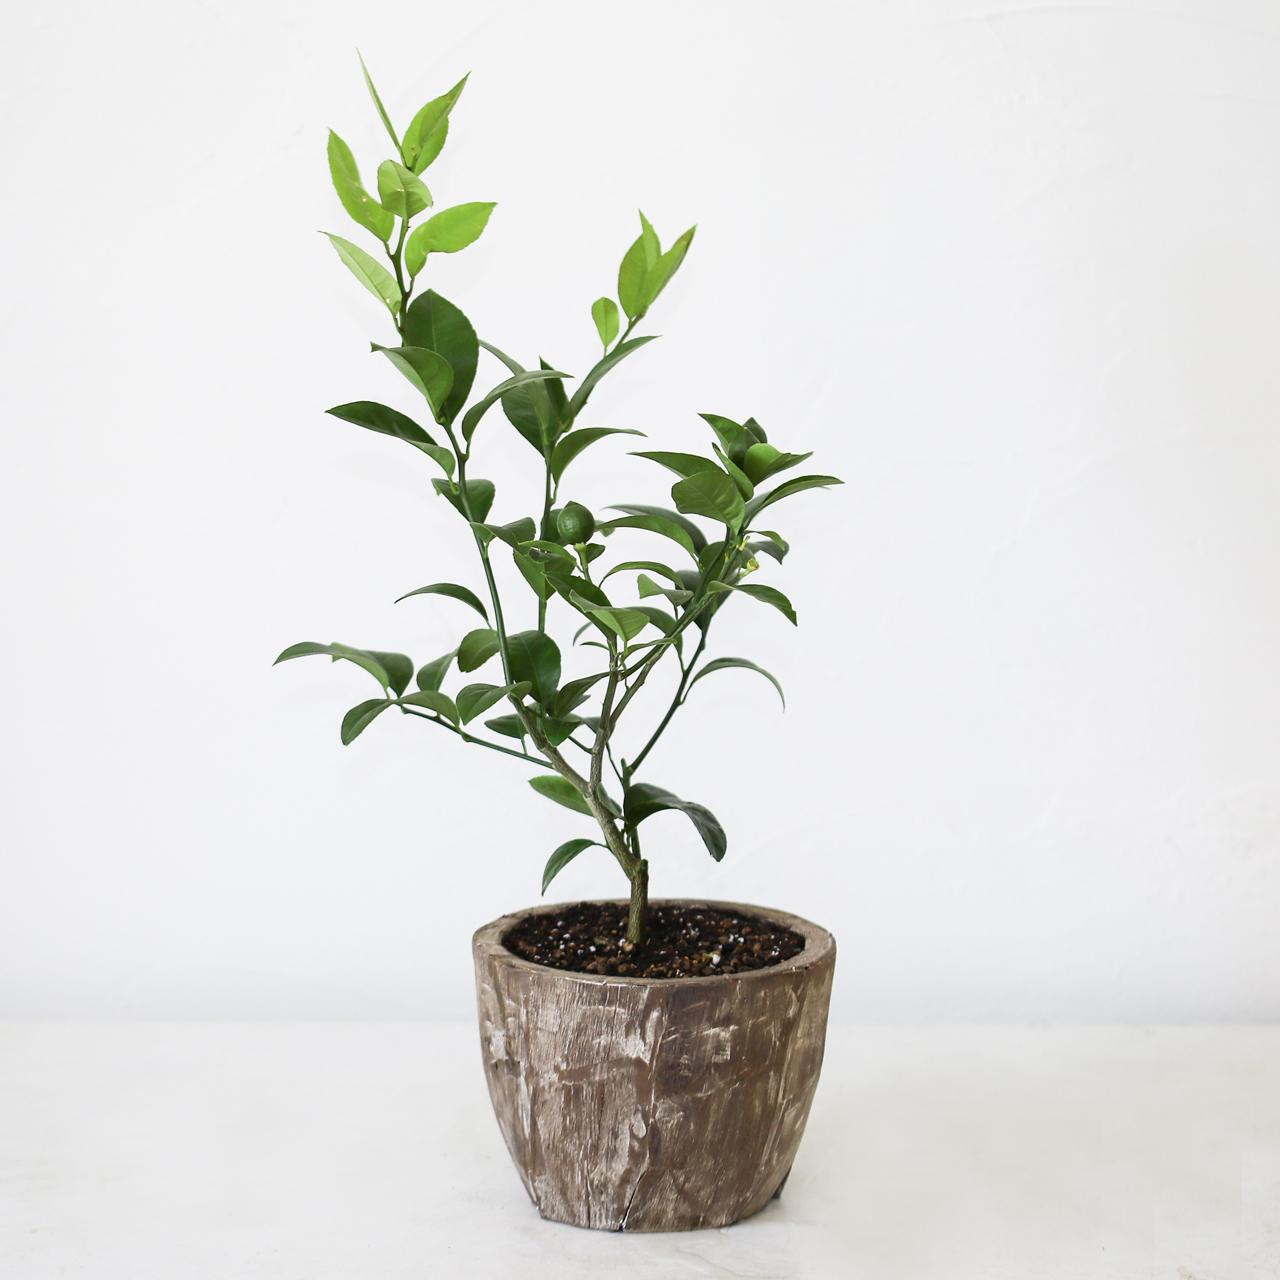 レモンの木栽培キット